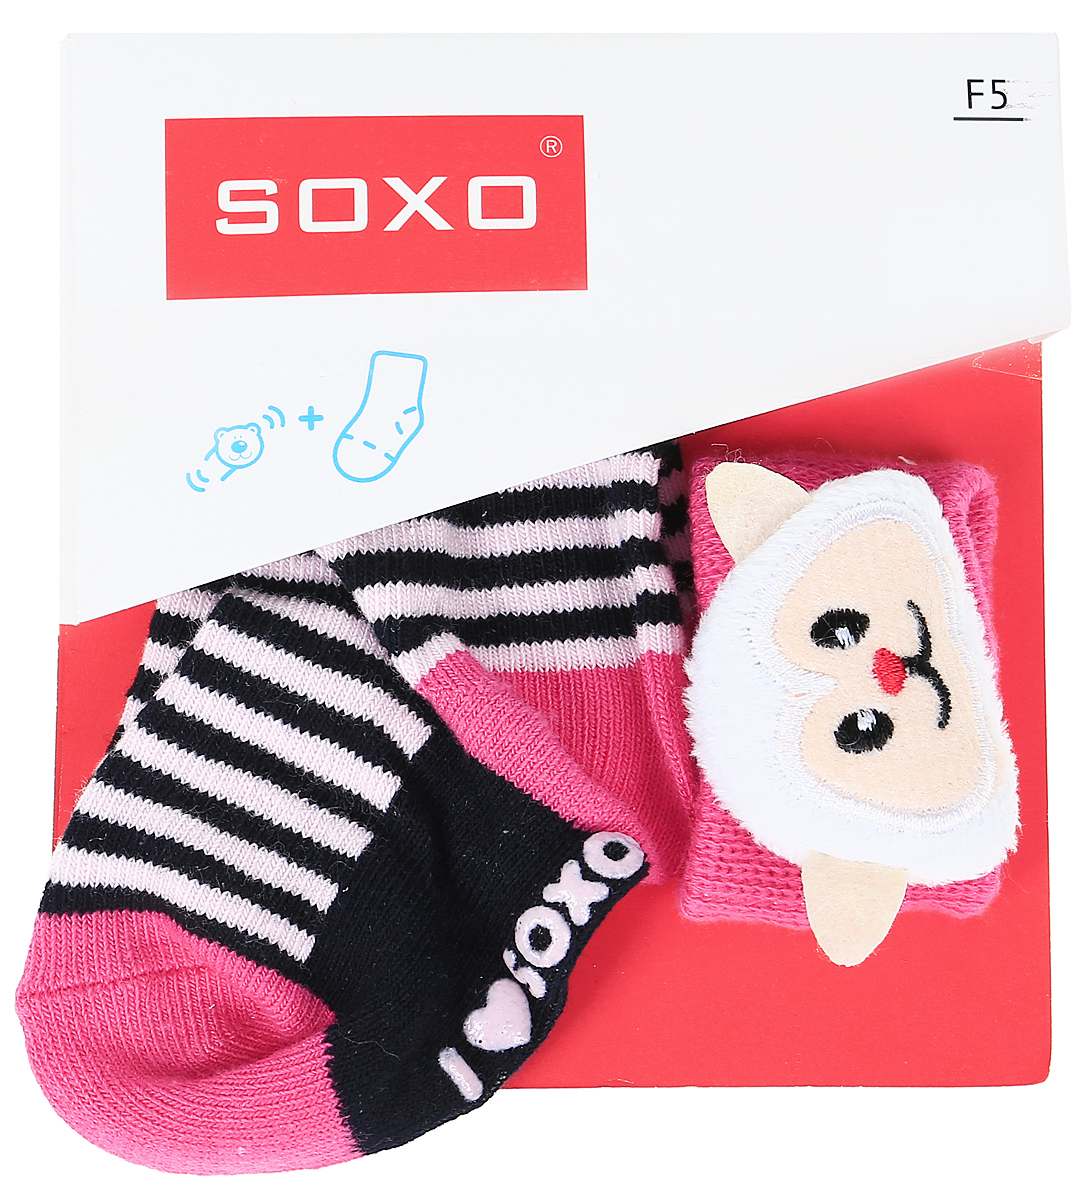 Комплект для девочек Soxo: носки и повязка на руку, цвет: белый, розовый. 68671_5. Размер 16/1868671_5